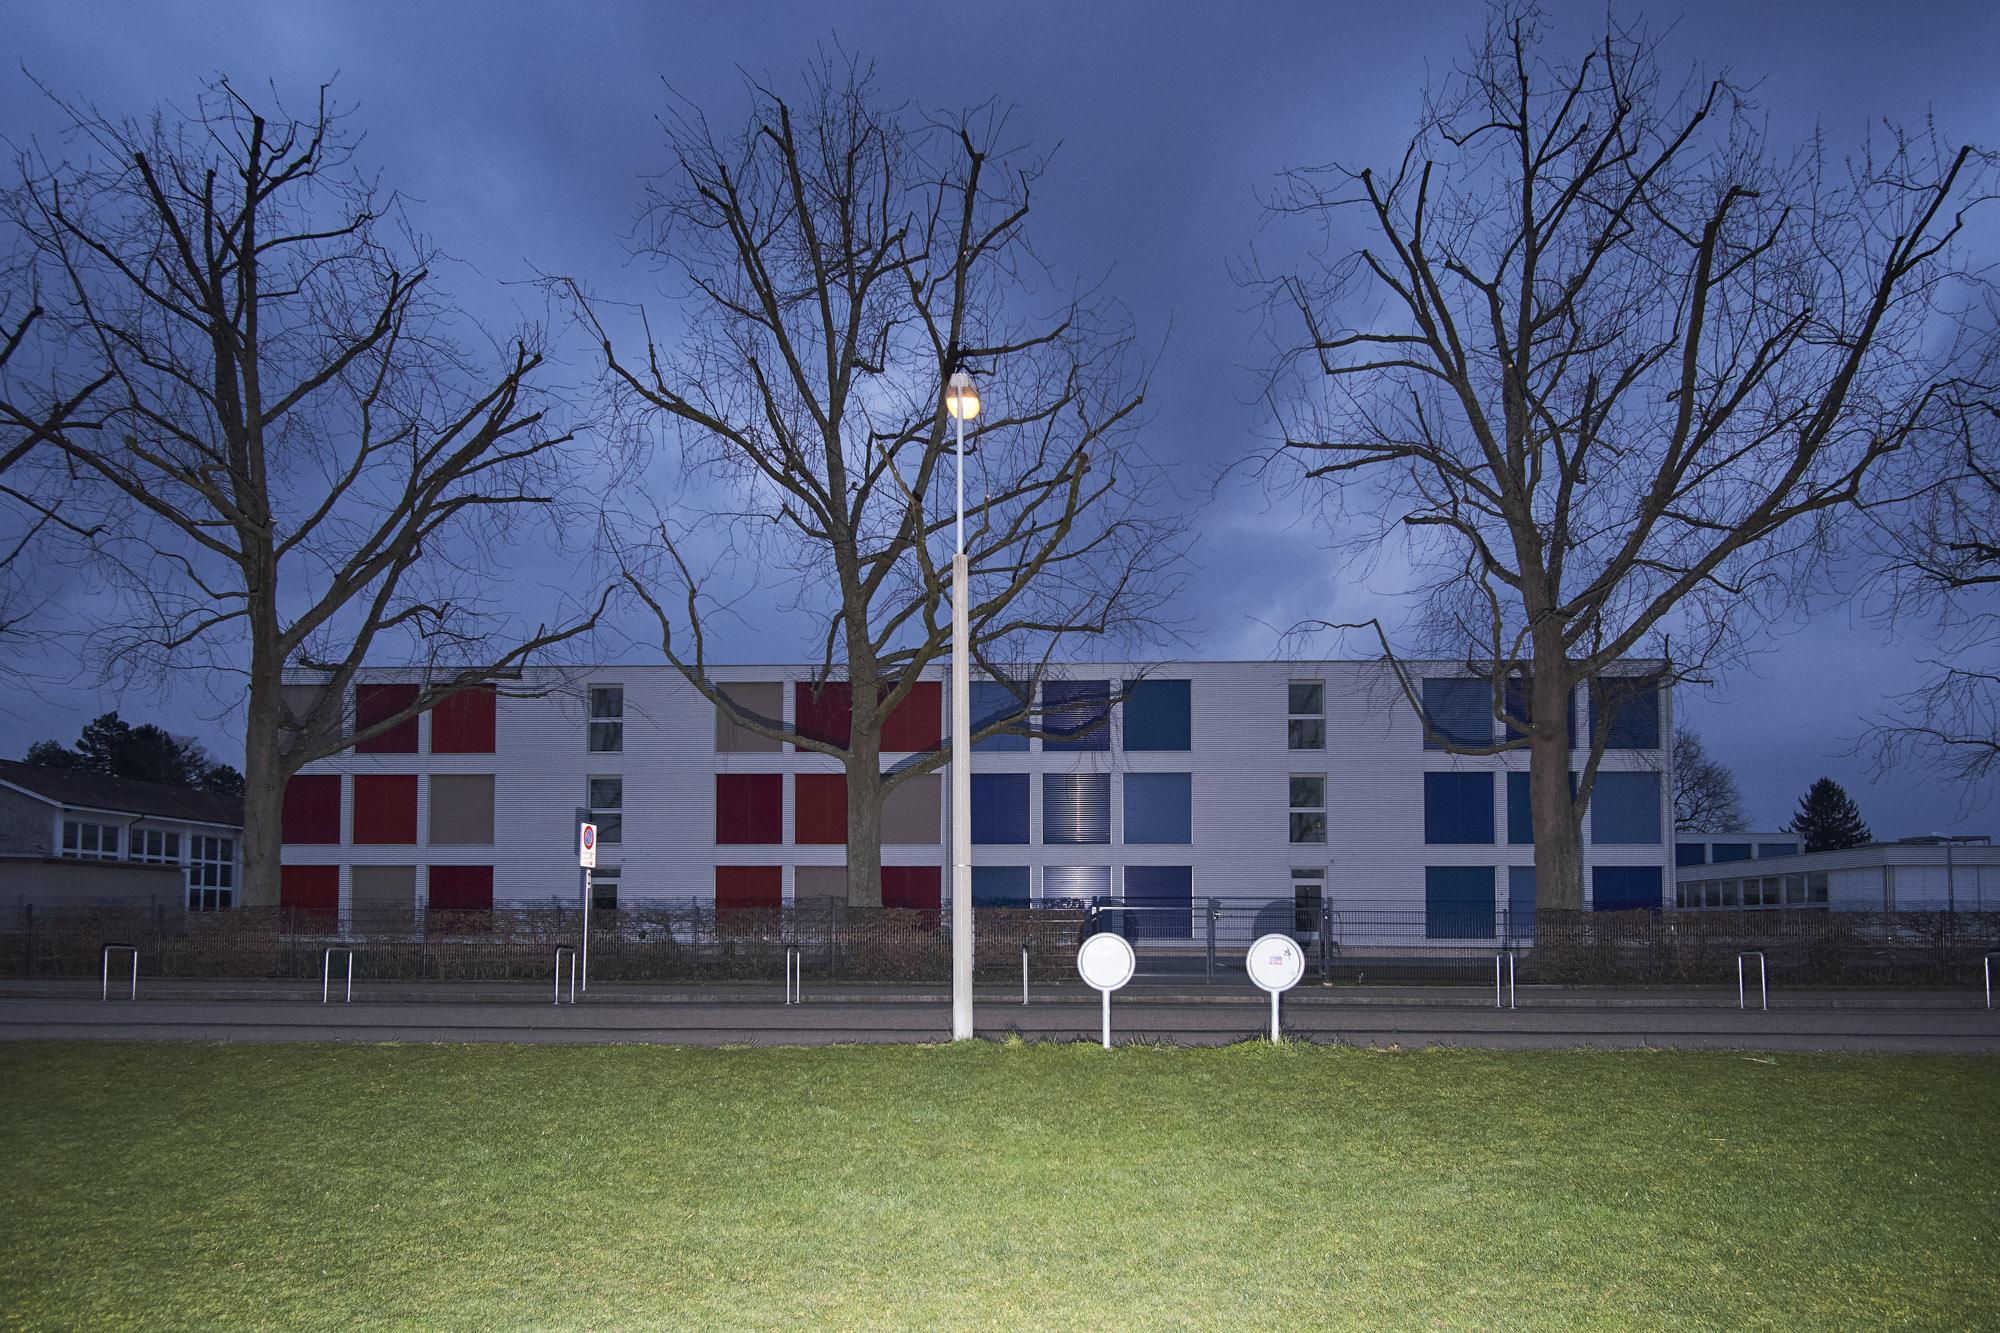 Fehlt es in Basel an Schulraum, kommen die mobilen Container zum Einsatz.